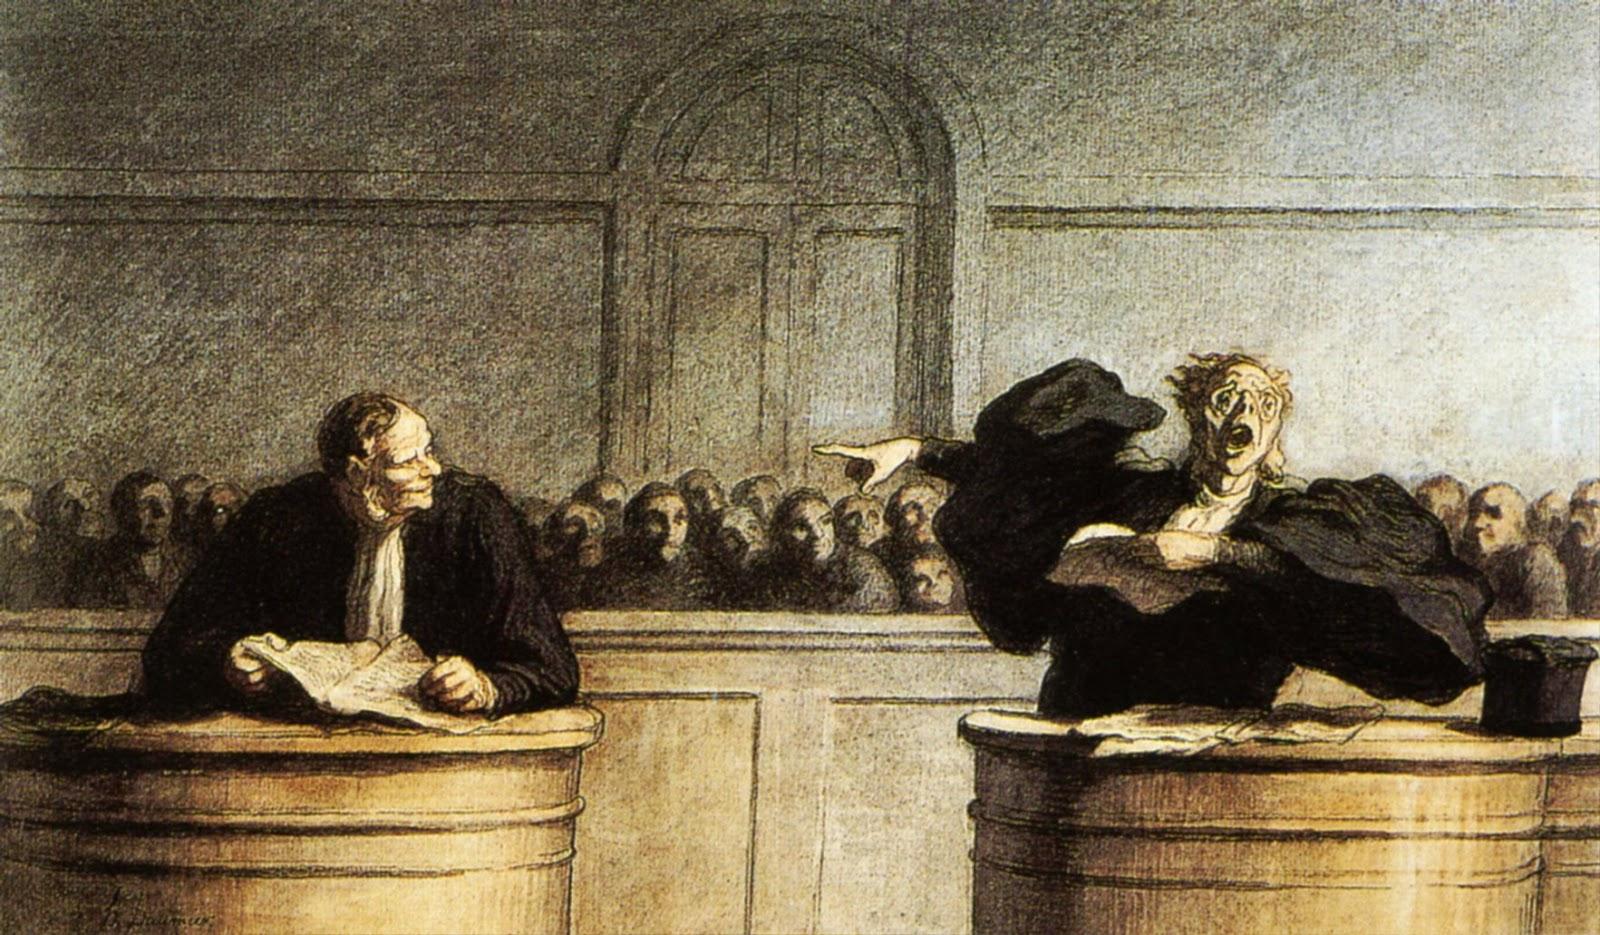 Honoré Daumier Une cause célèbre (18??)